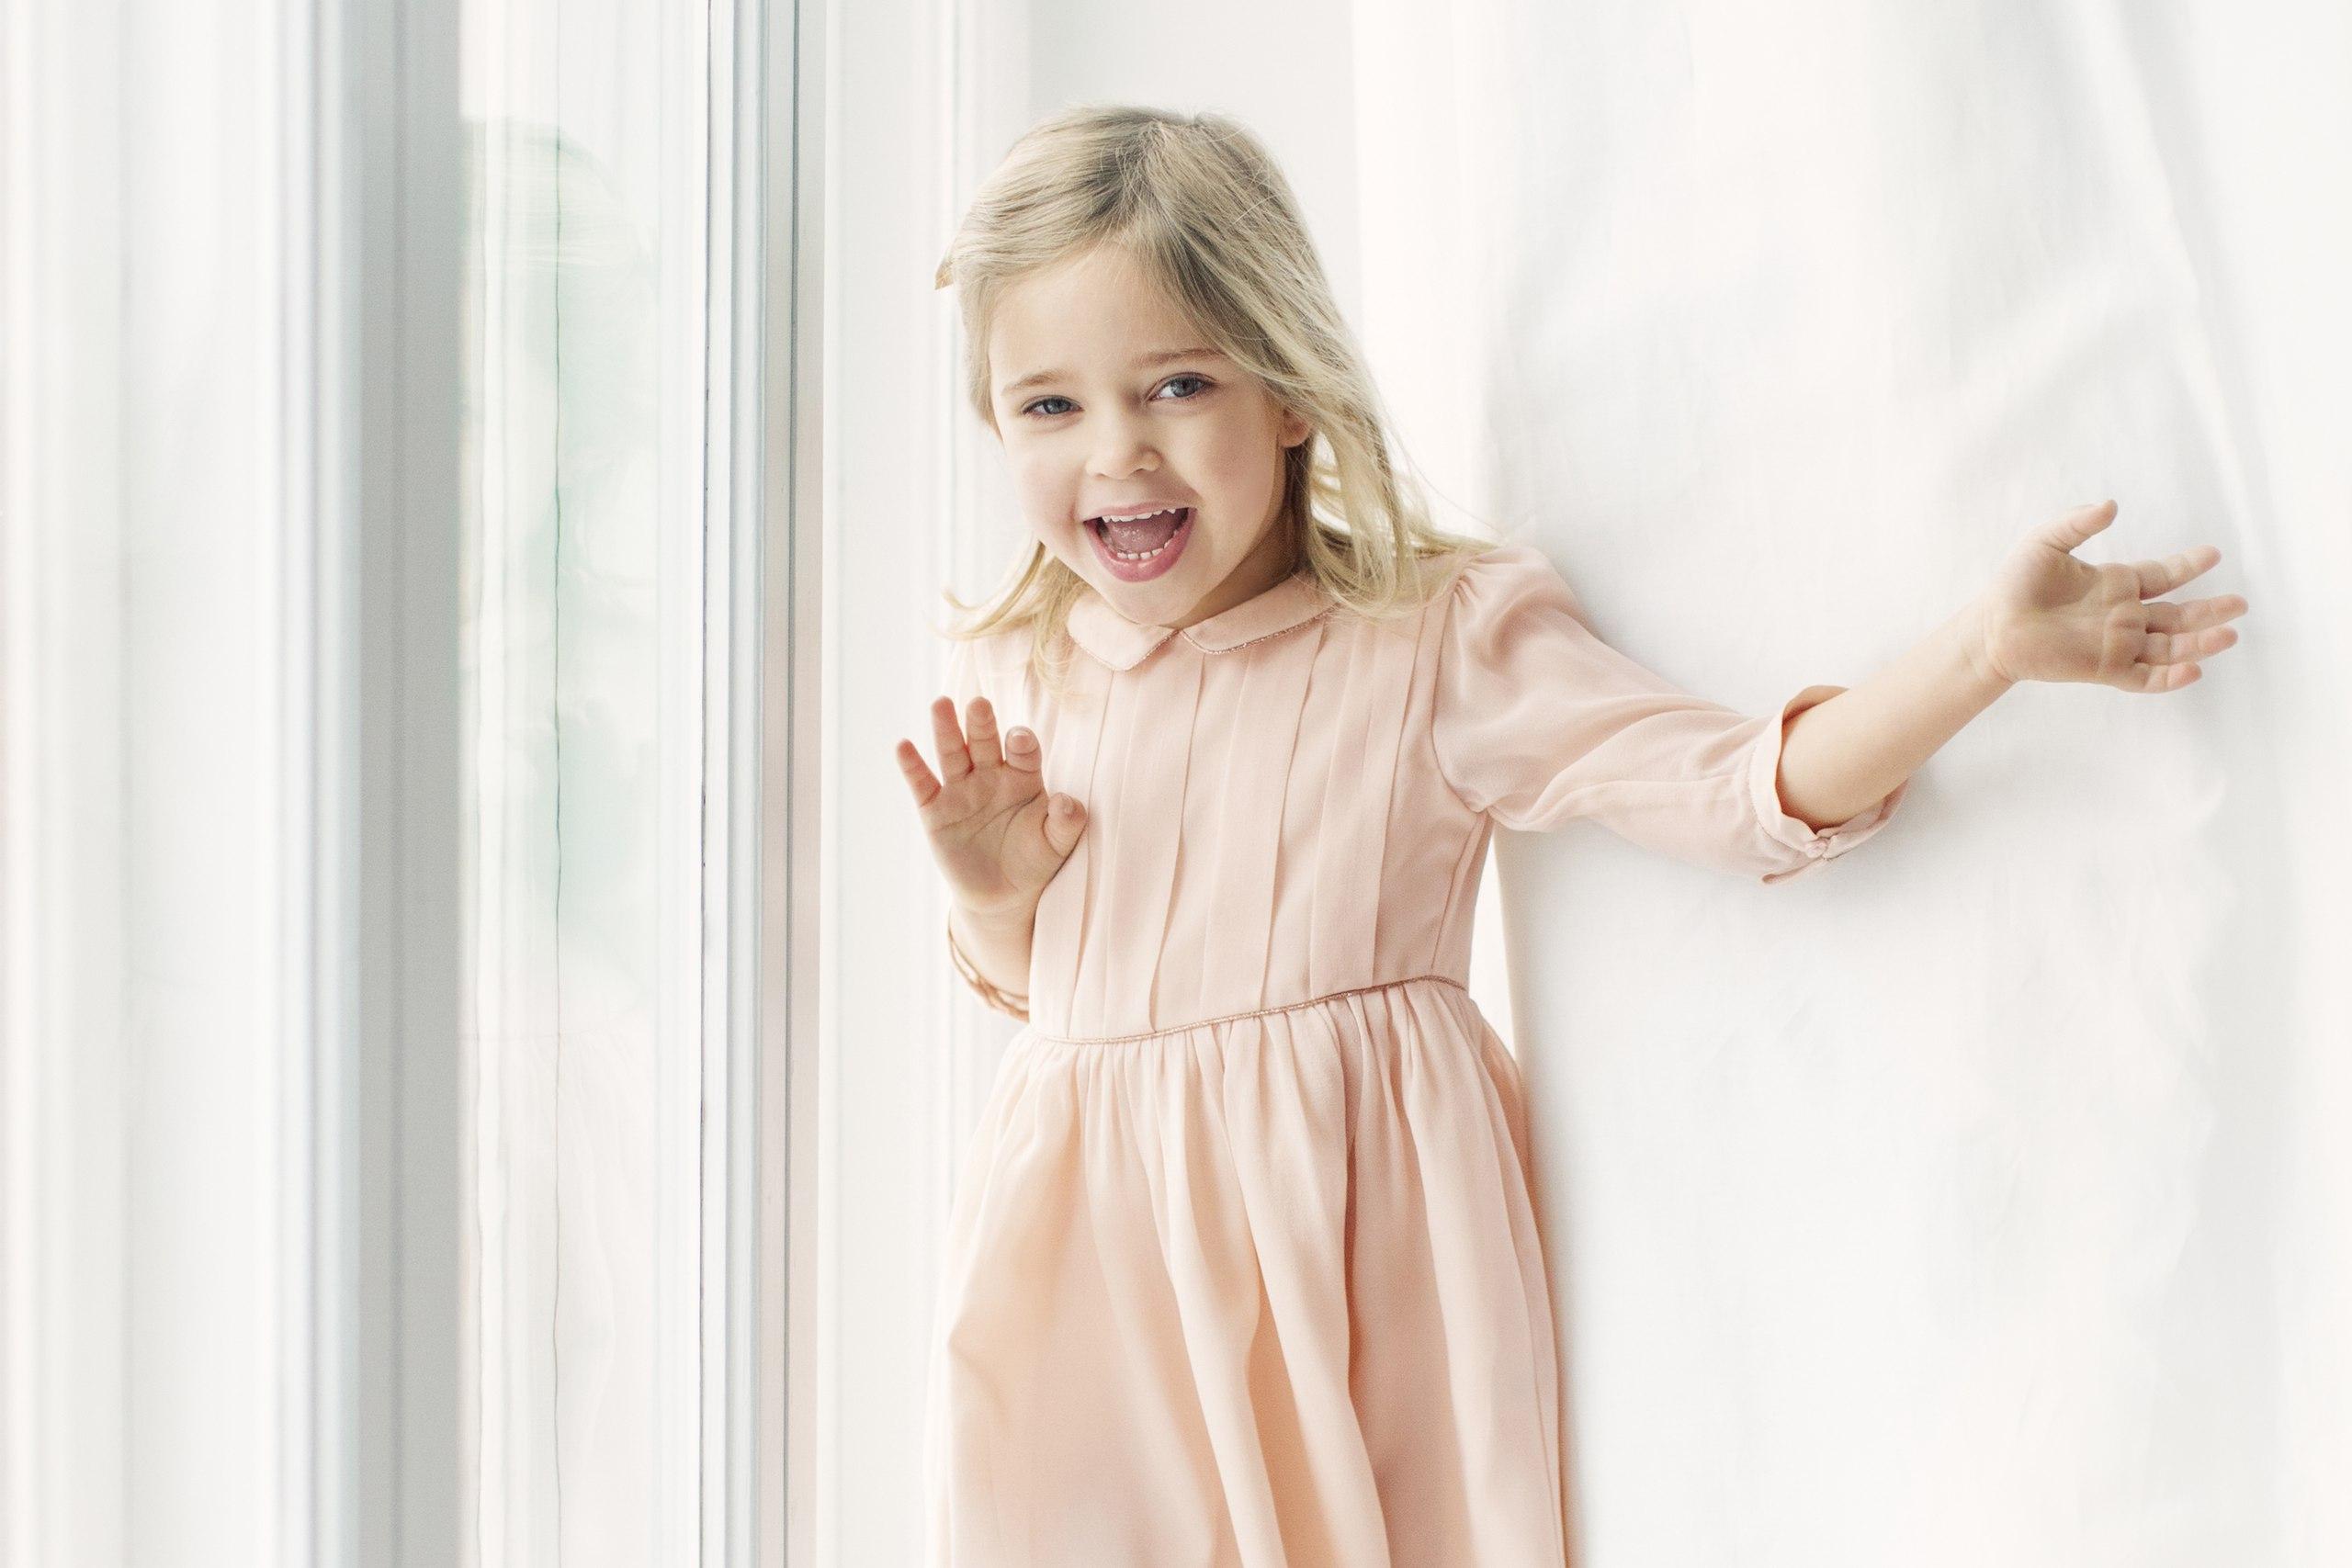 Принцессе Швеции Леонор 4 года